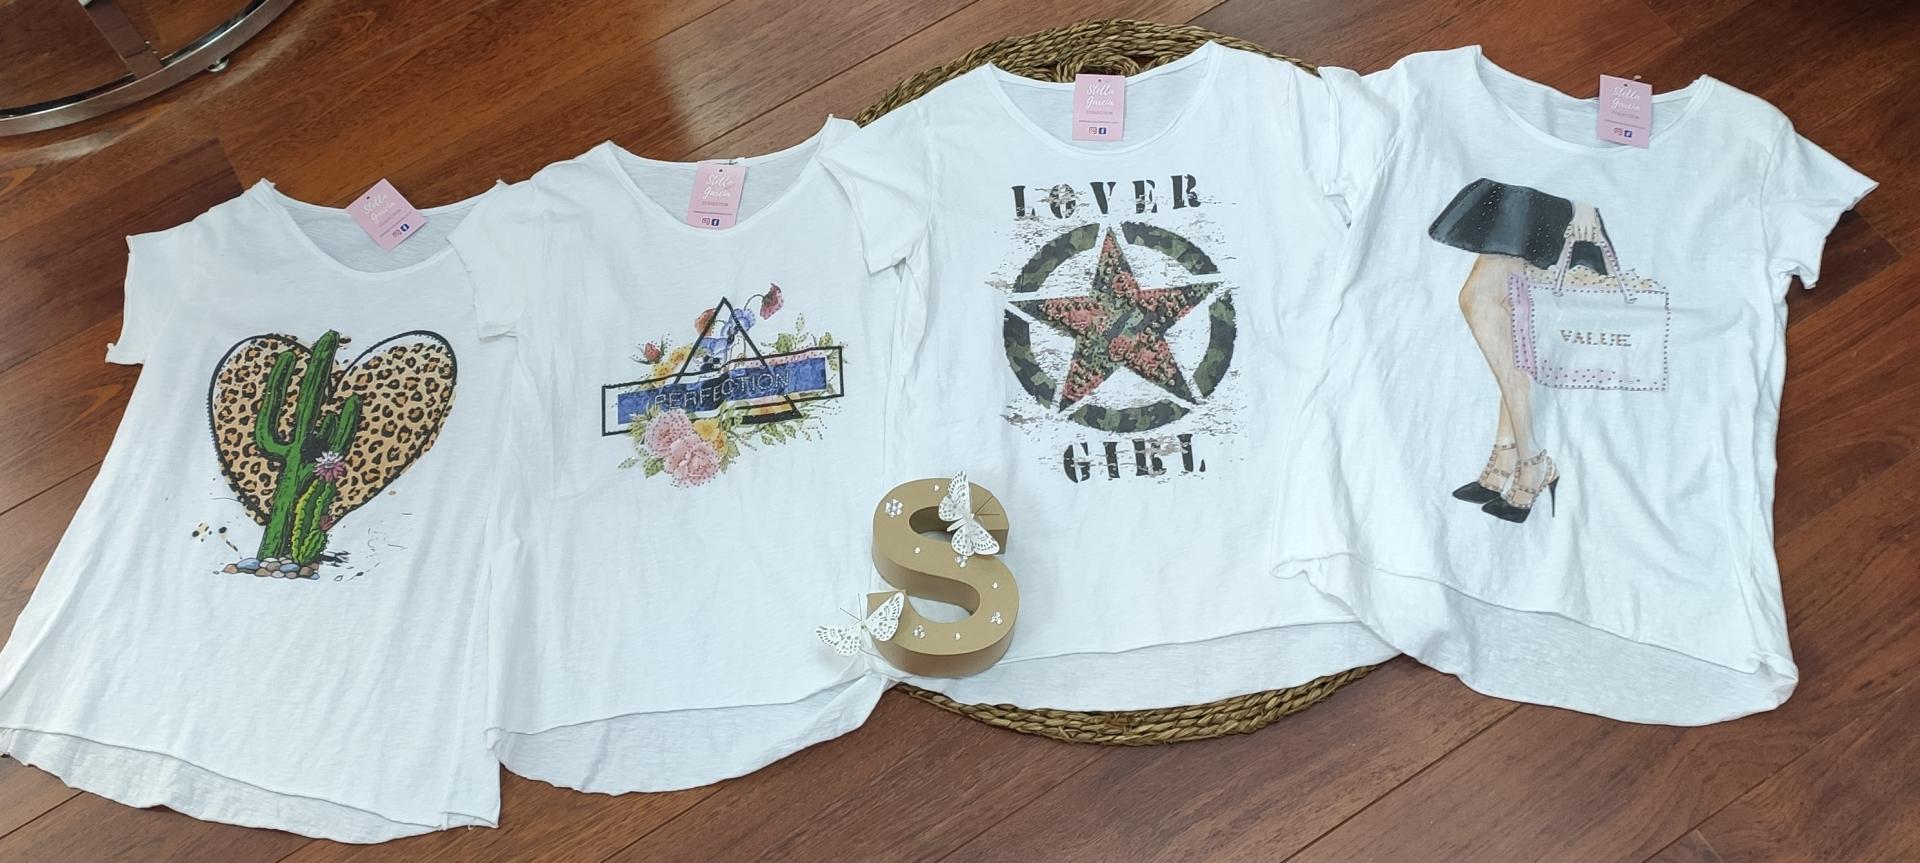 Camiseta Basic Perfection